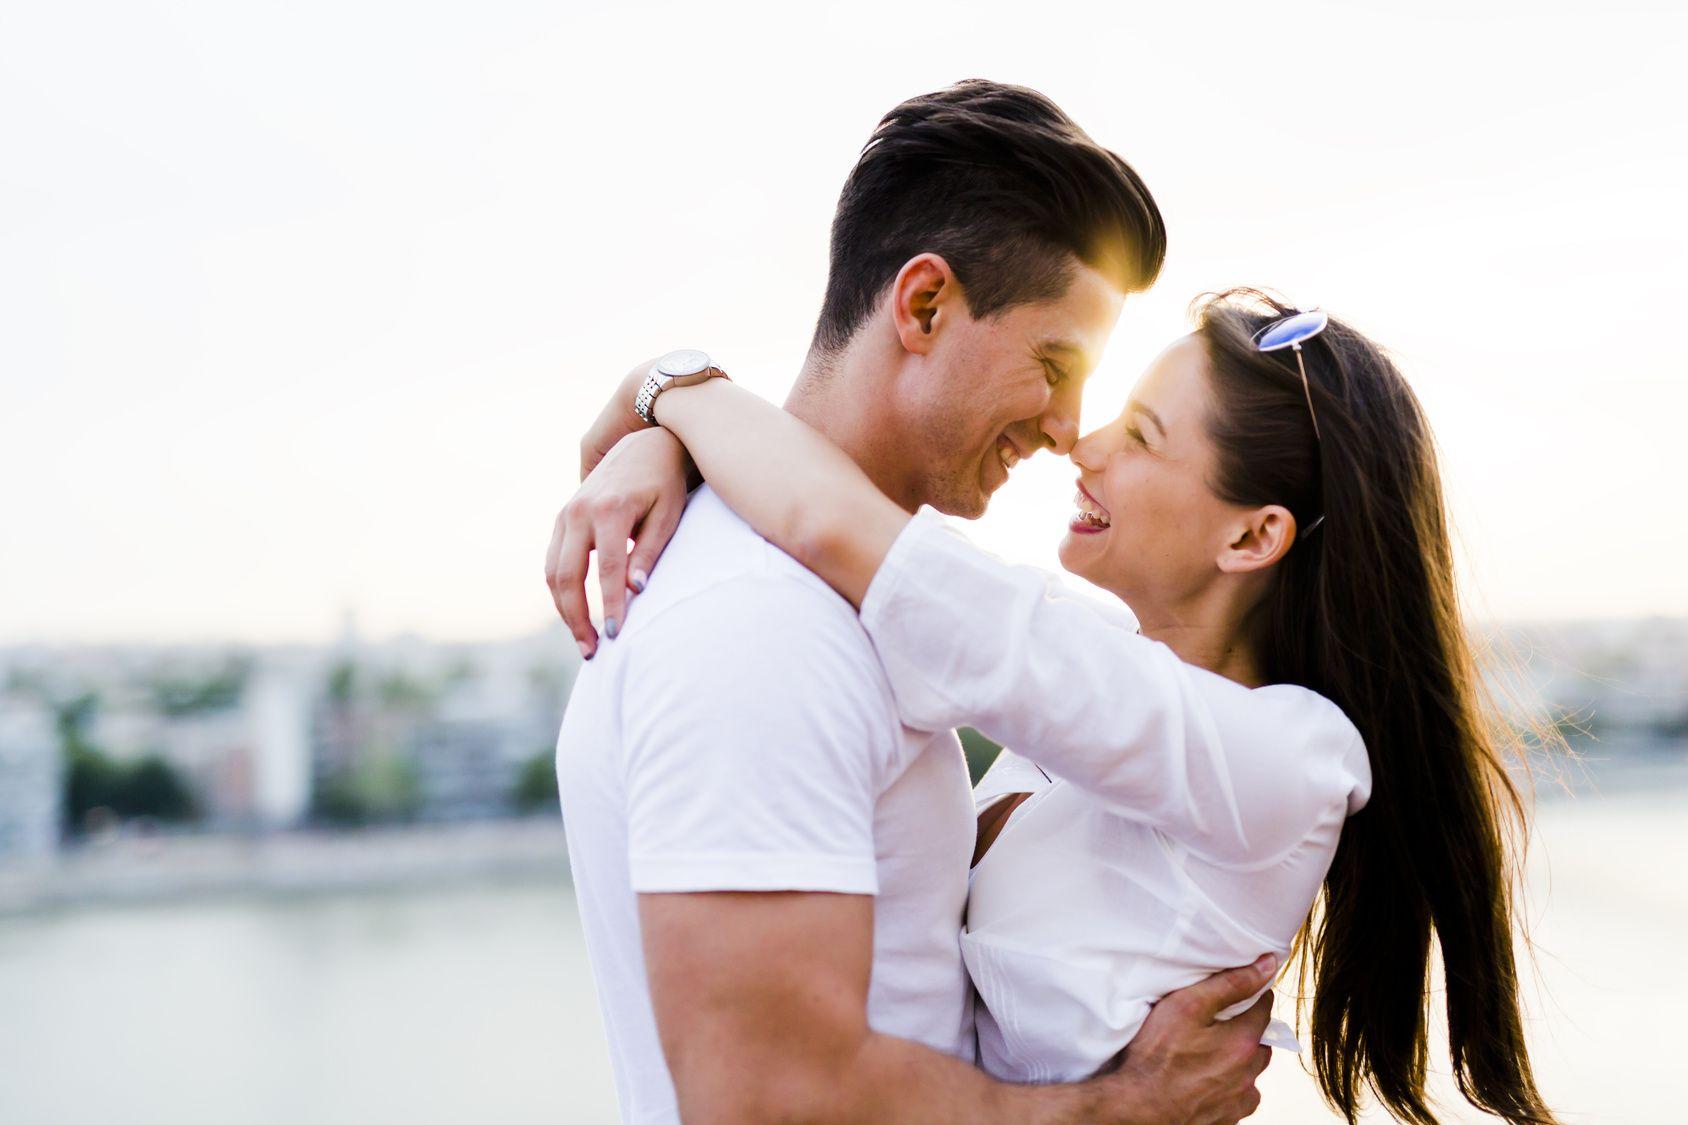 rento dating gratis